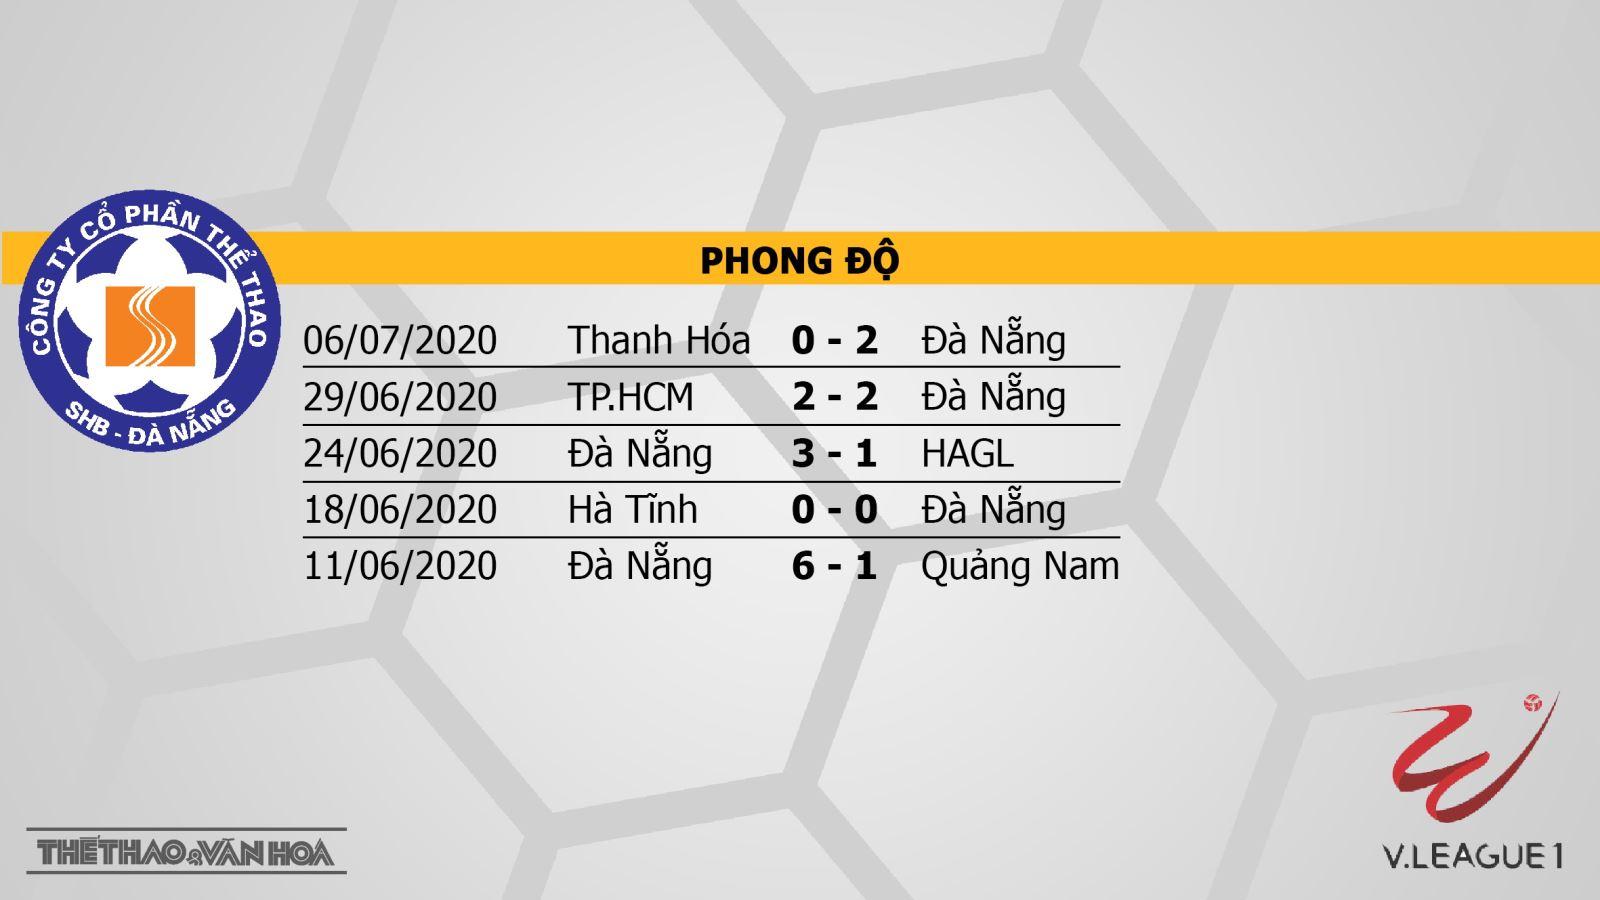 SHB Đà Nẵng vs Hà Nội, Đà Nẵng, Hà Nội, soi kèo bóng đá, kèo bóng đá, trực tiếp bóng đá, lịch thi đấu bóng đá hôm nay